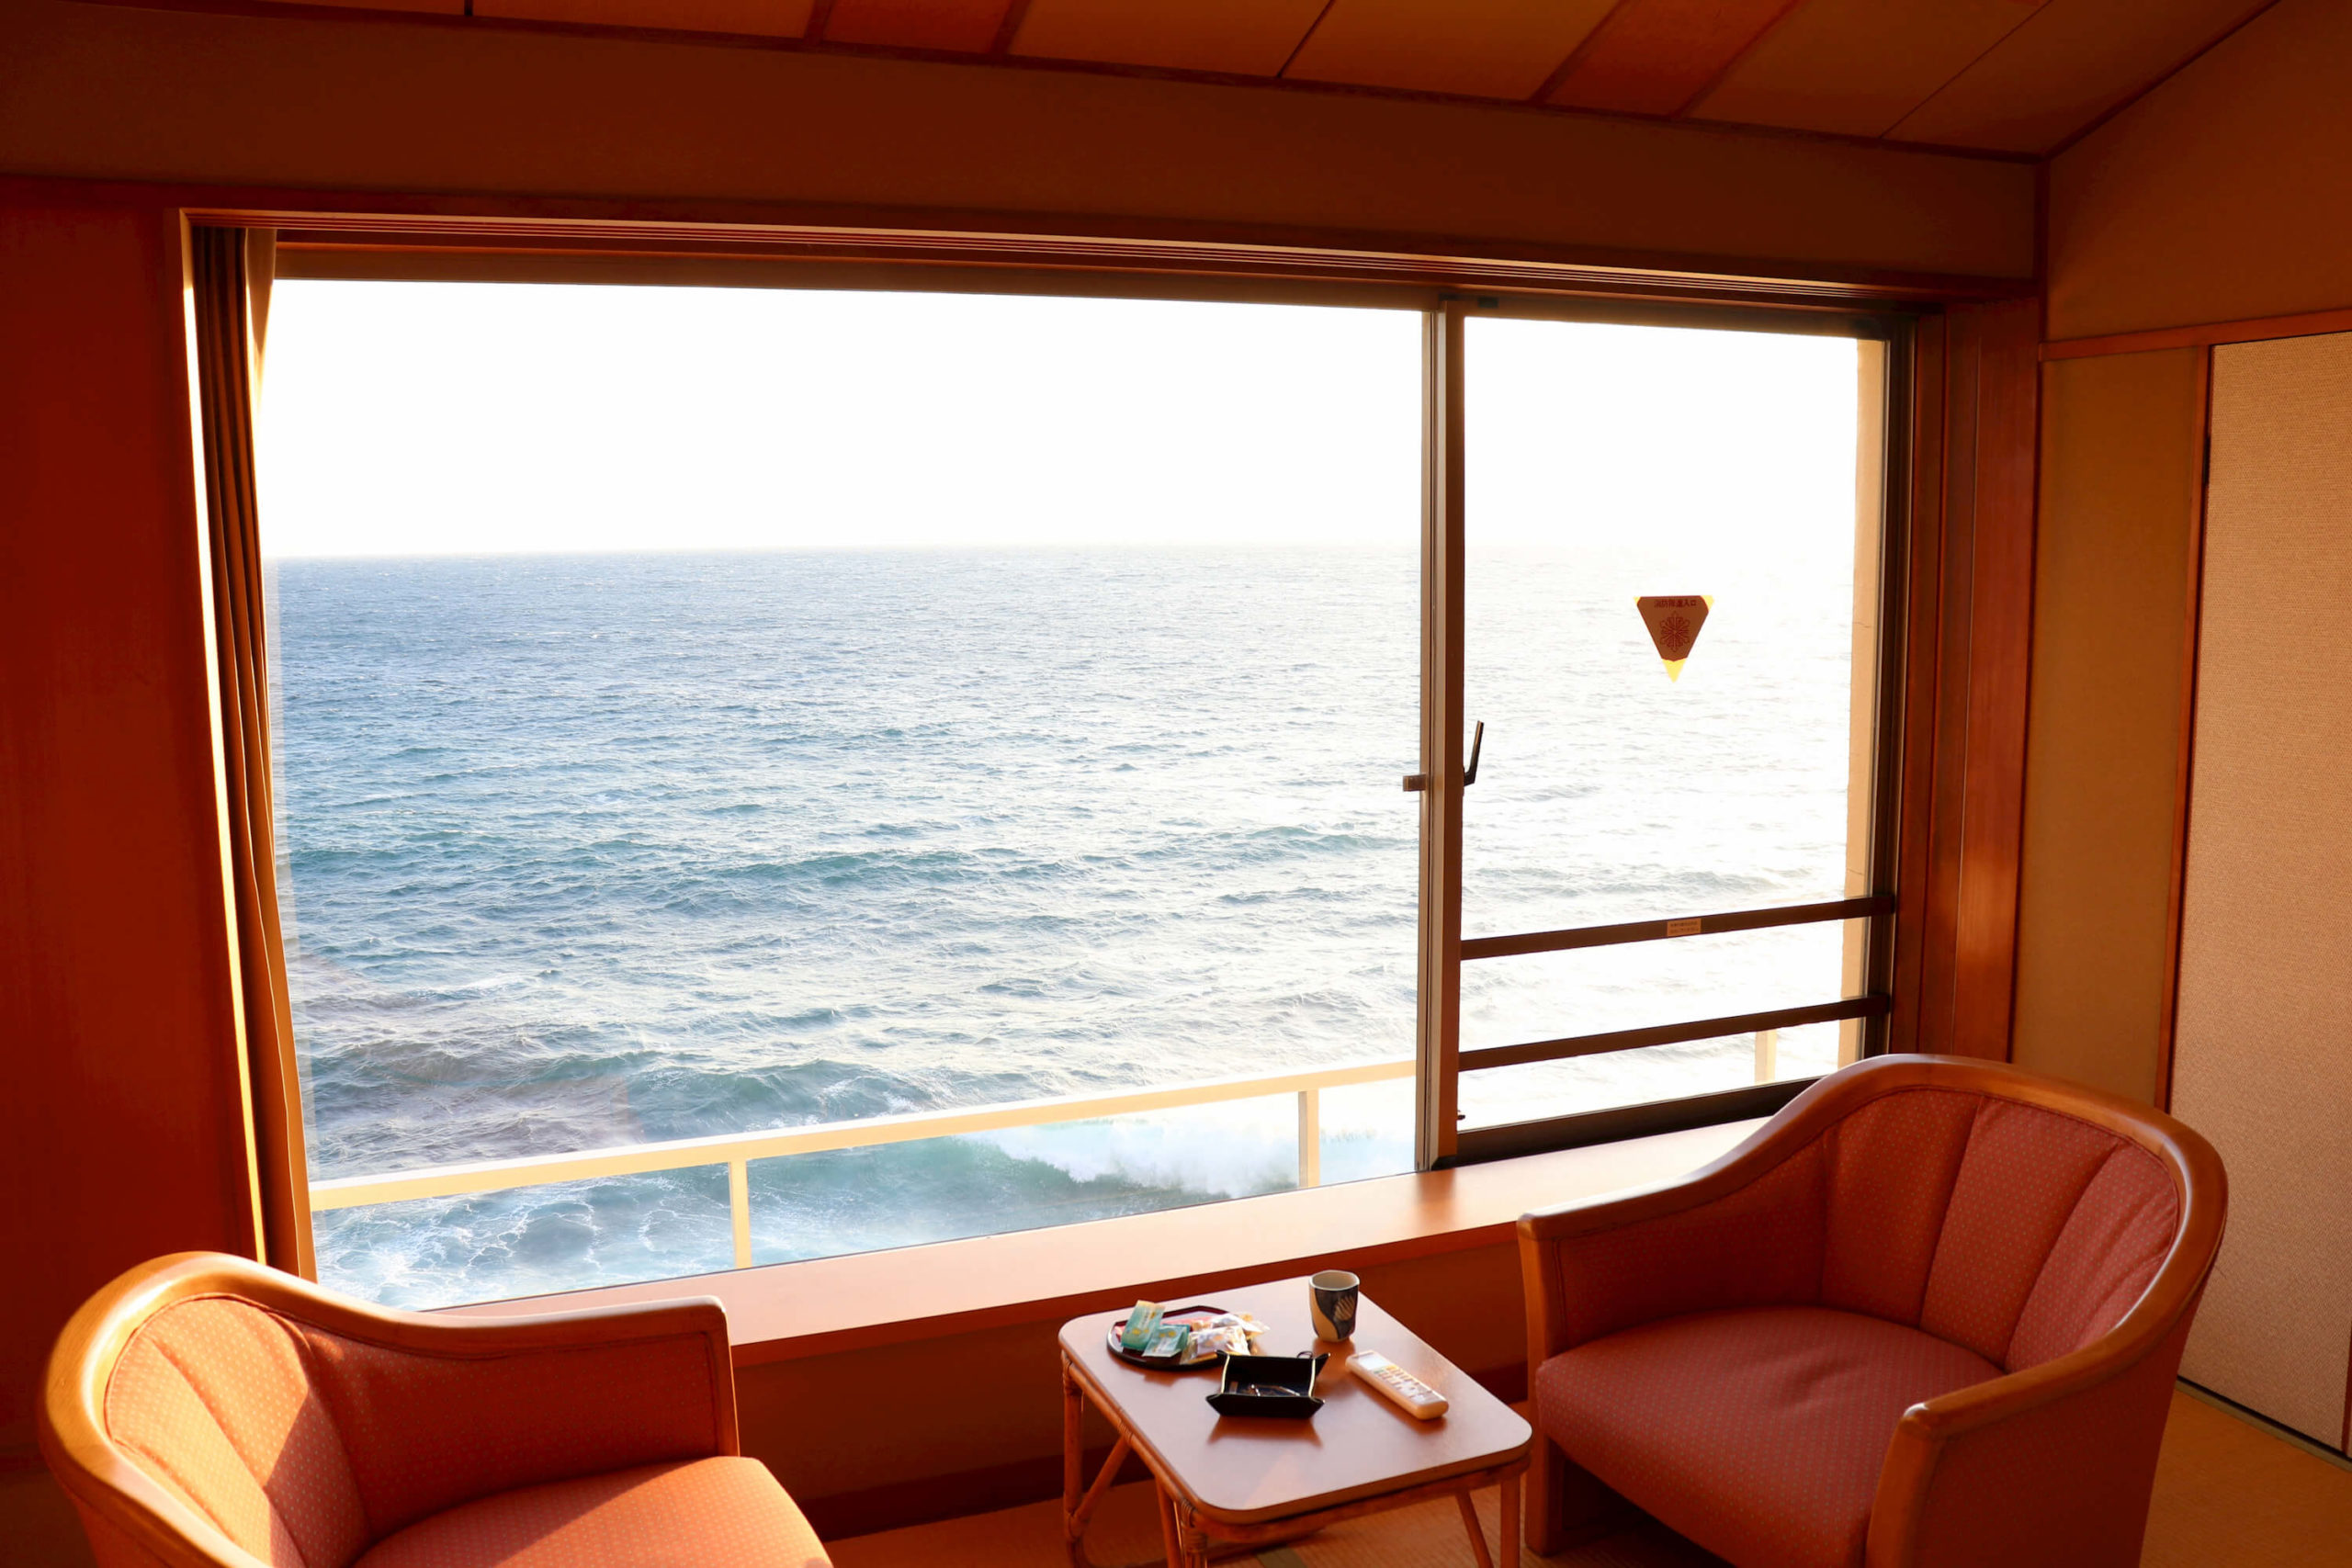 浜の湯の客室から見える朝日と海